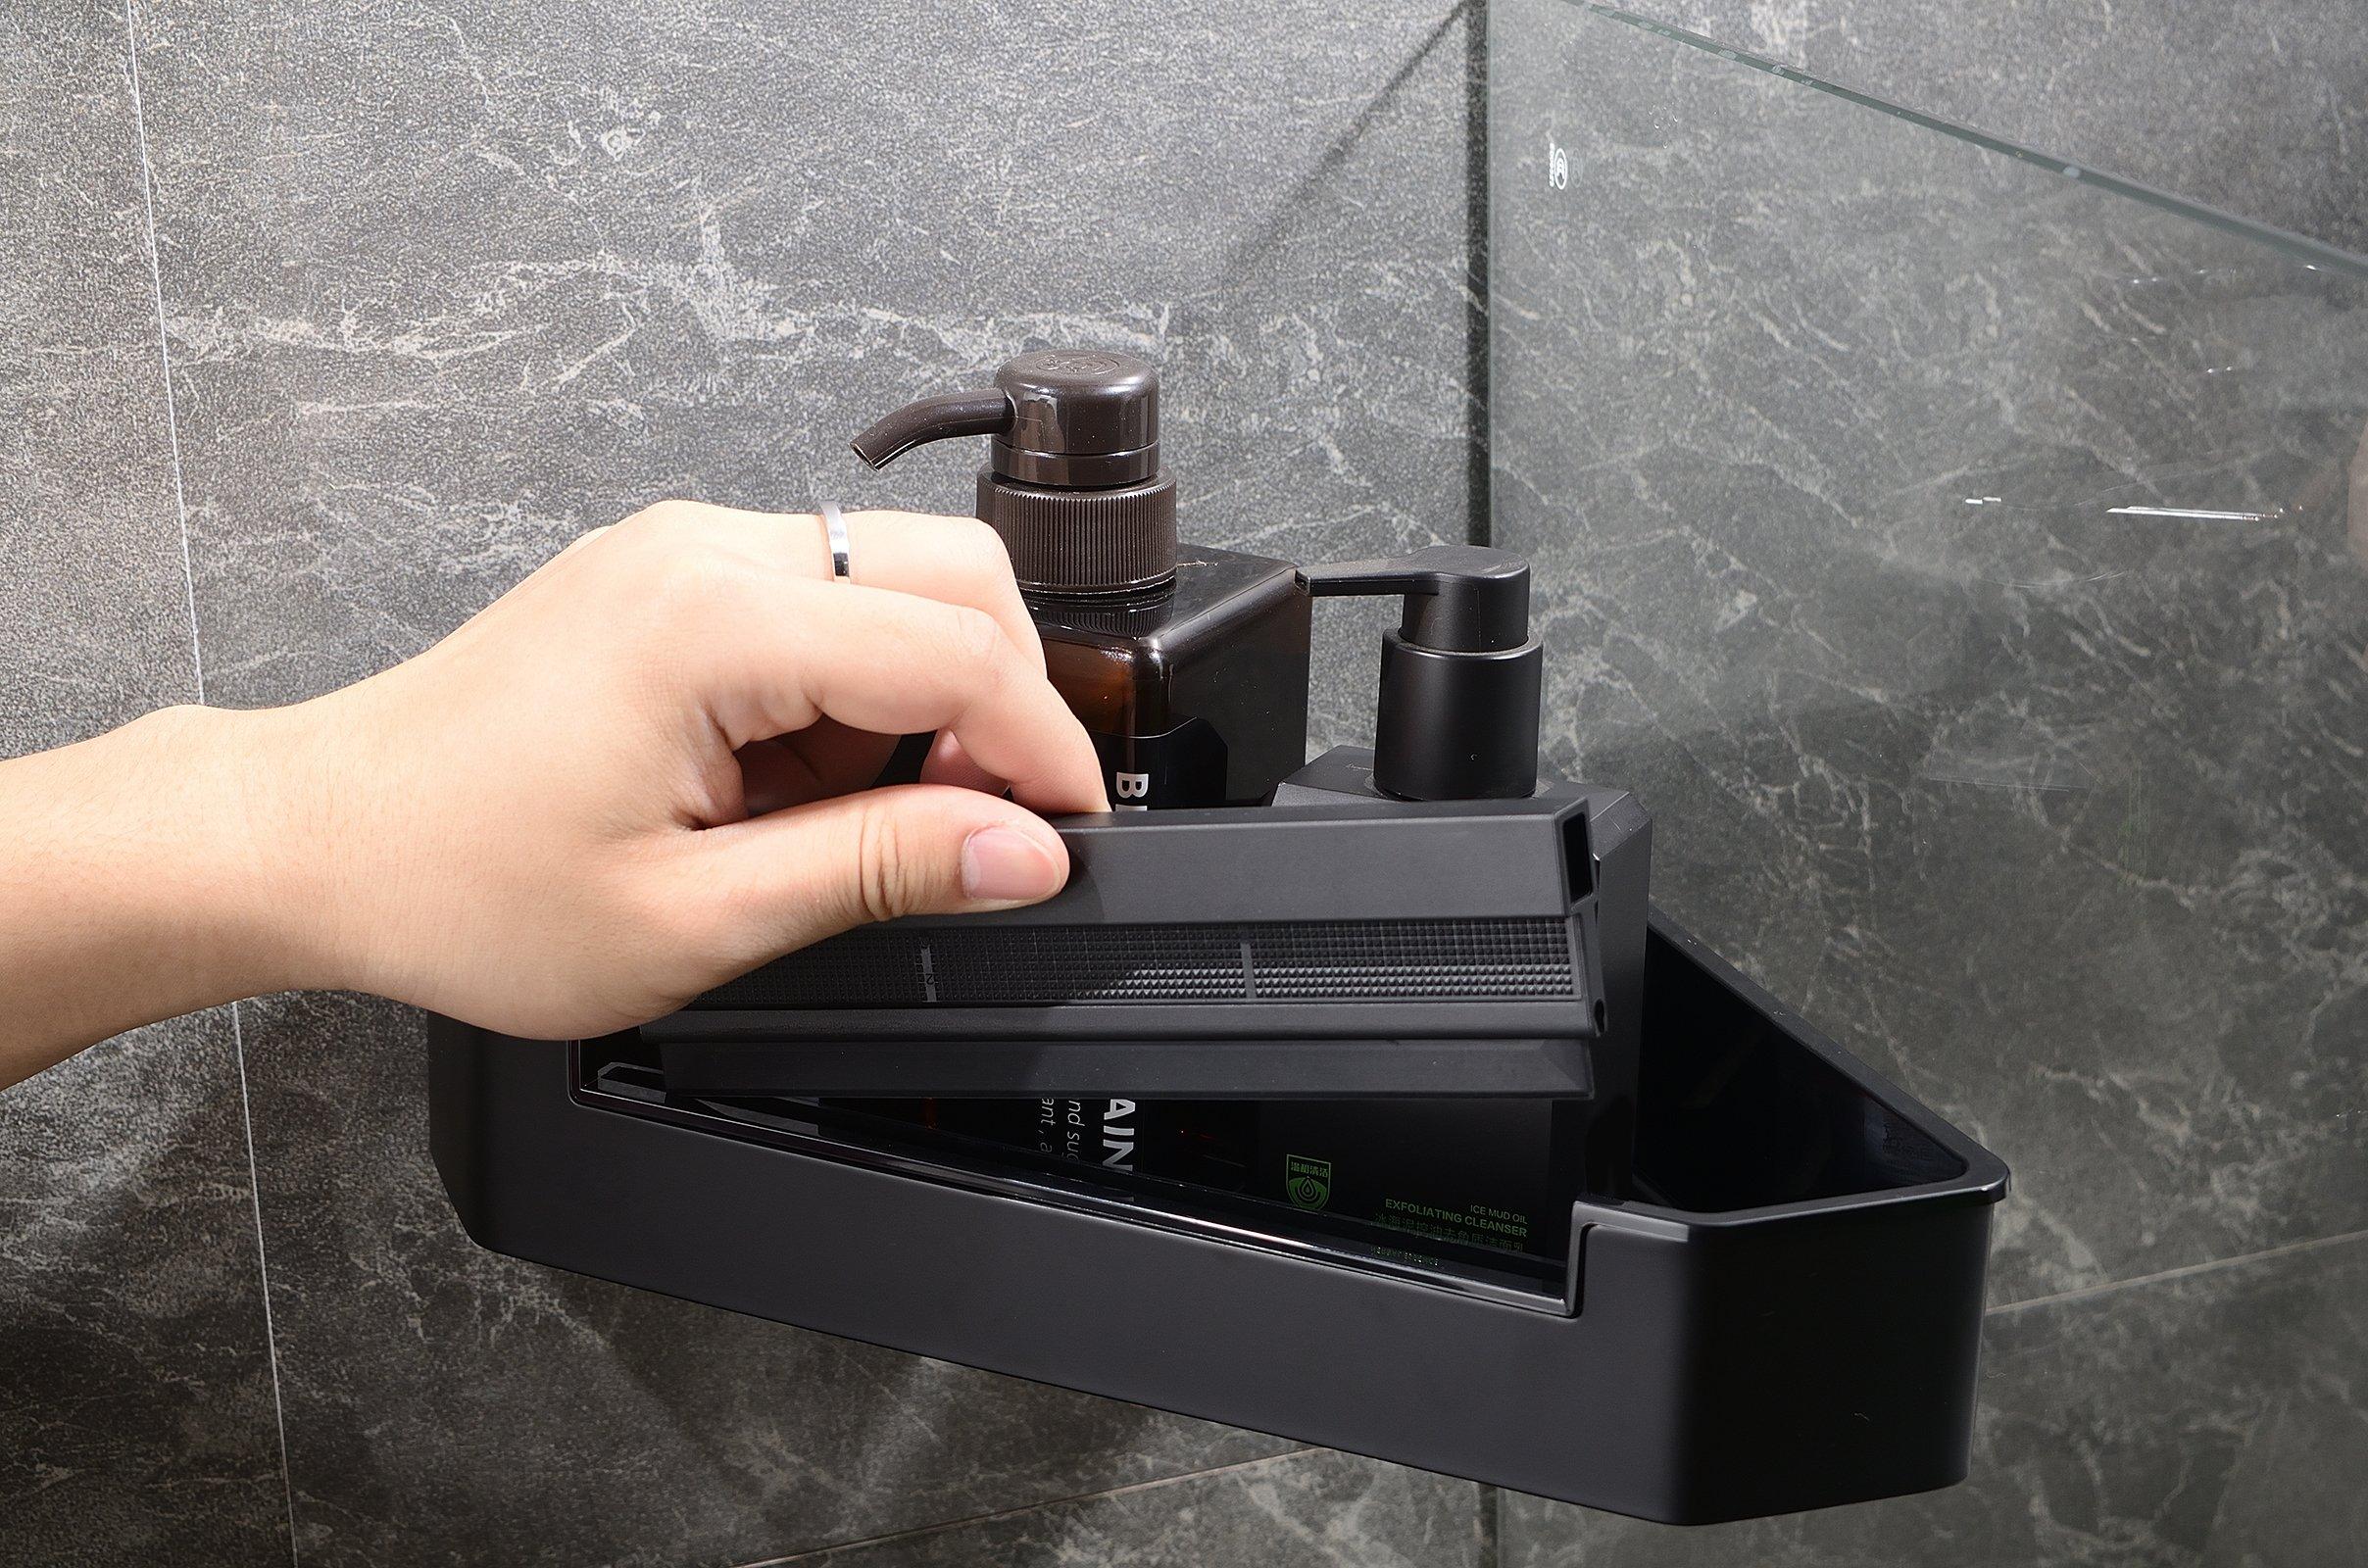 Eck-Duschkorb DK719 Edelstahl mit Duschabzieher - Farbe Chrom und Schwarz matt wählbar